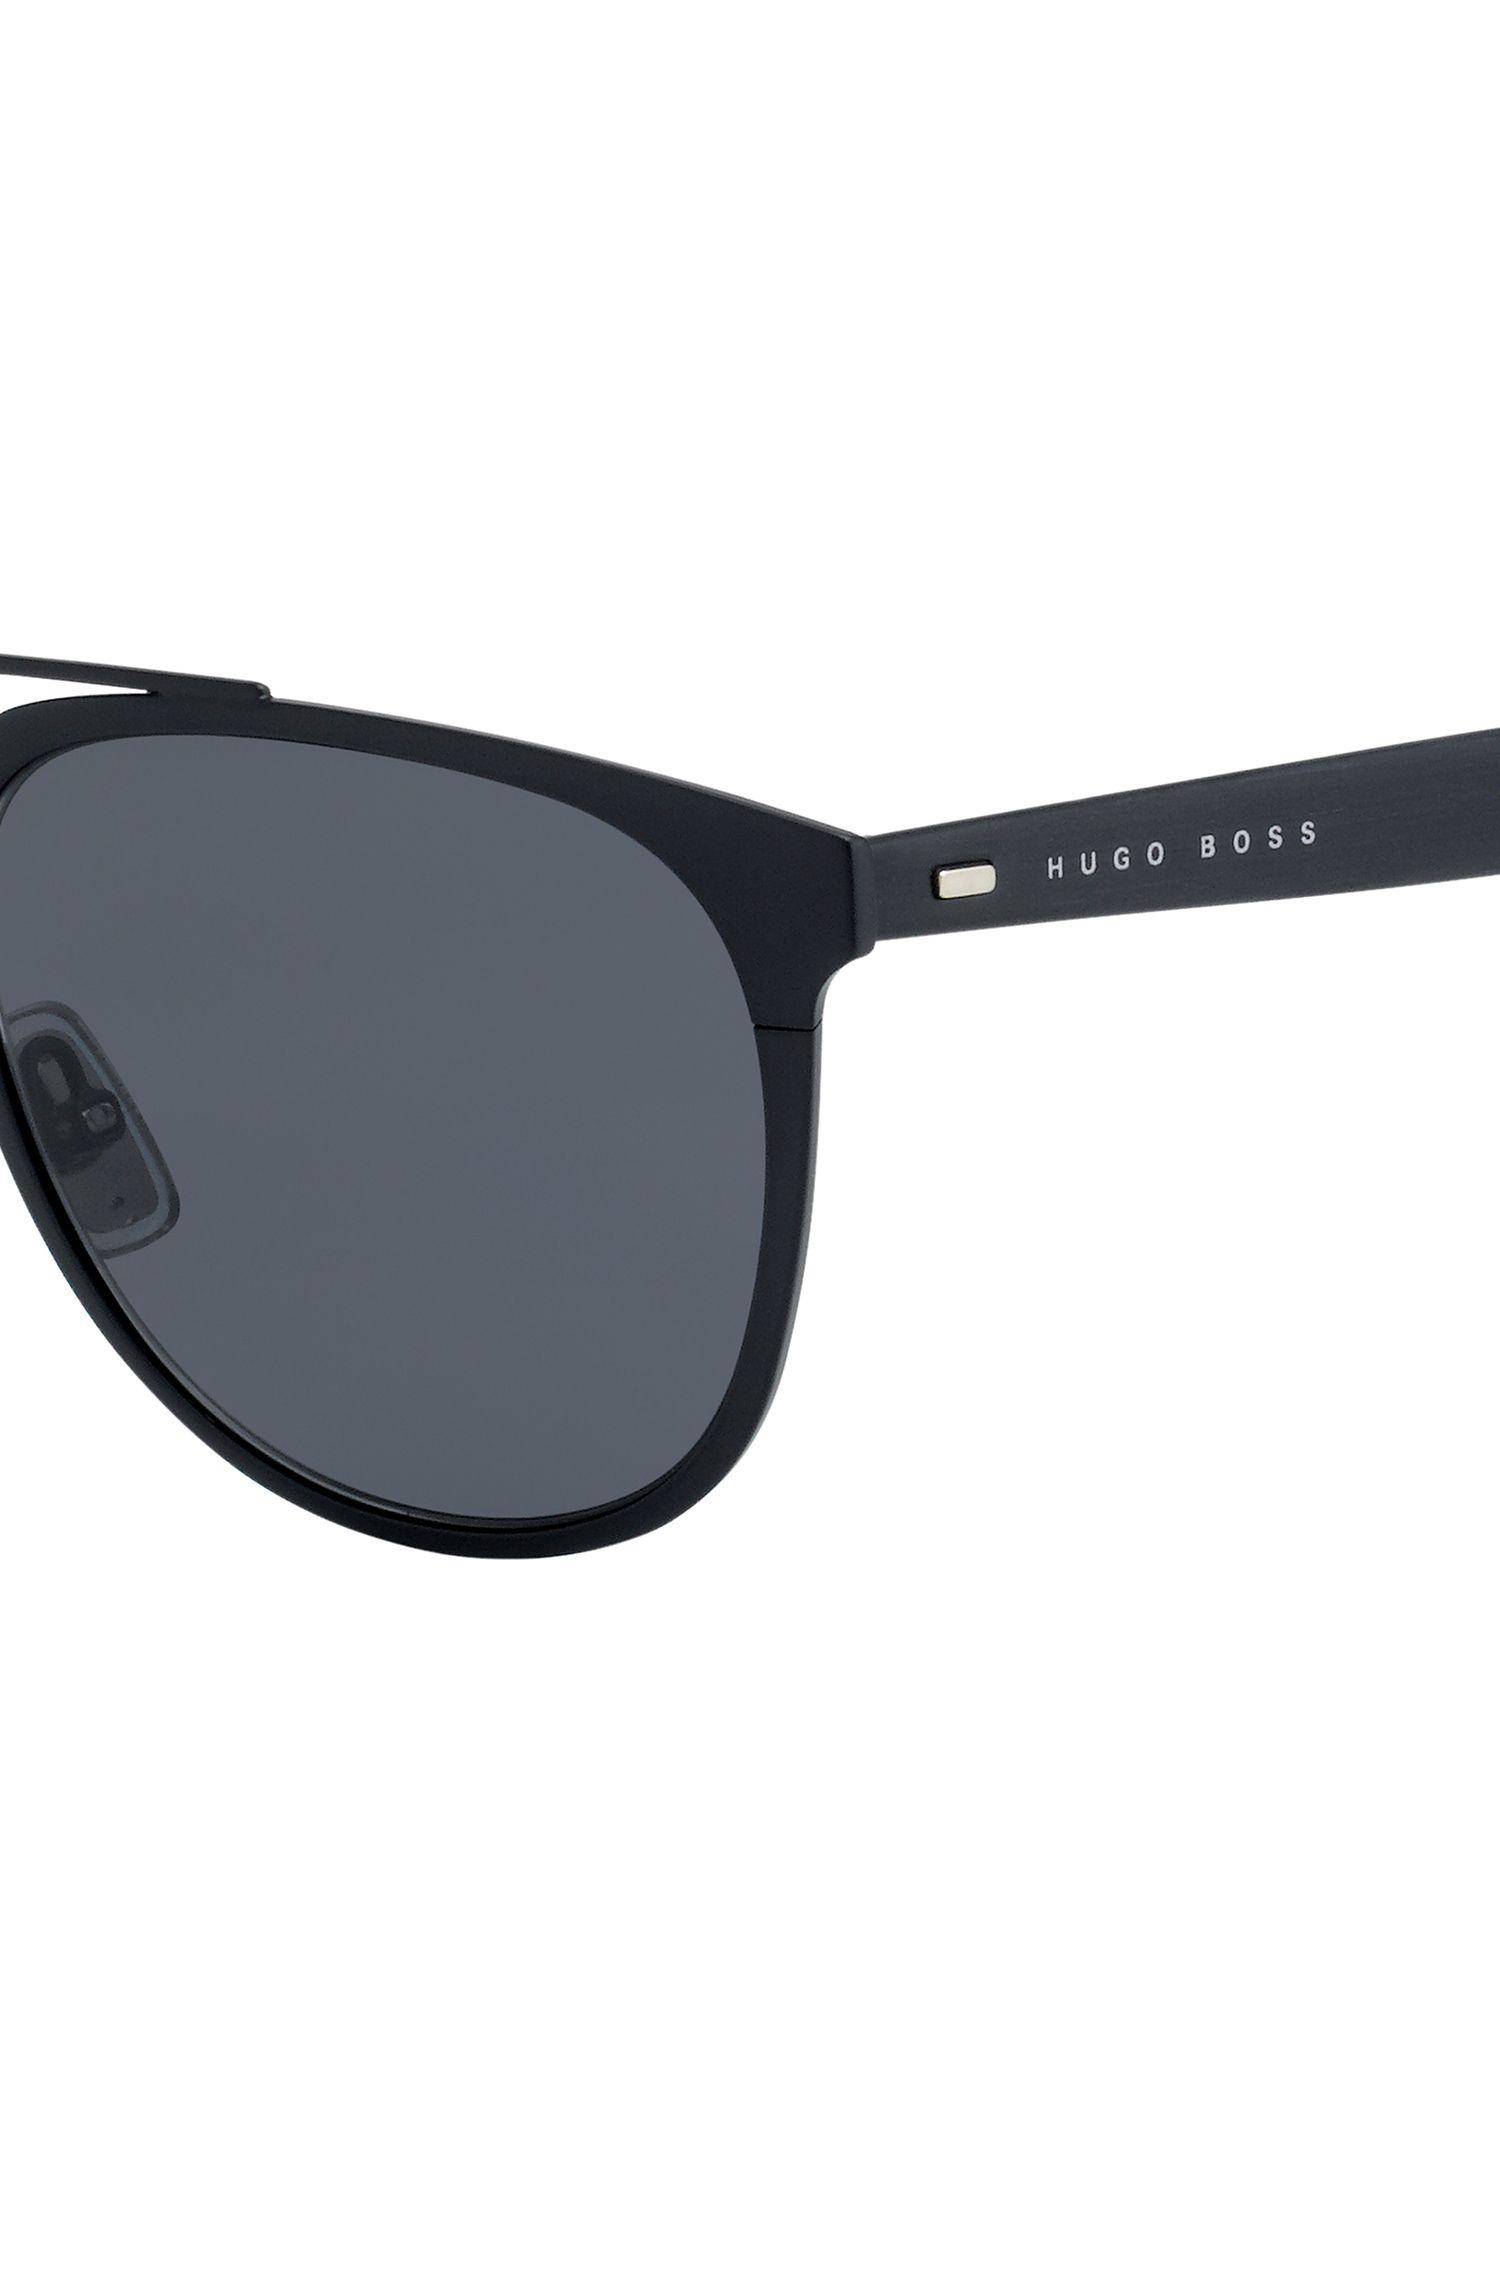 Gafas de sol de aviador con montura fina y metalizada de color negro